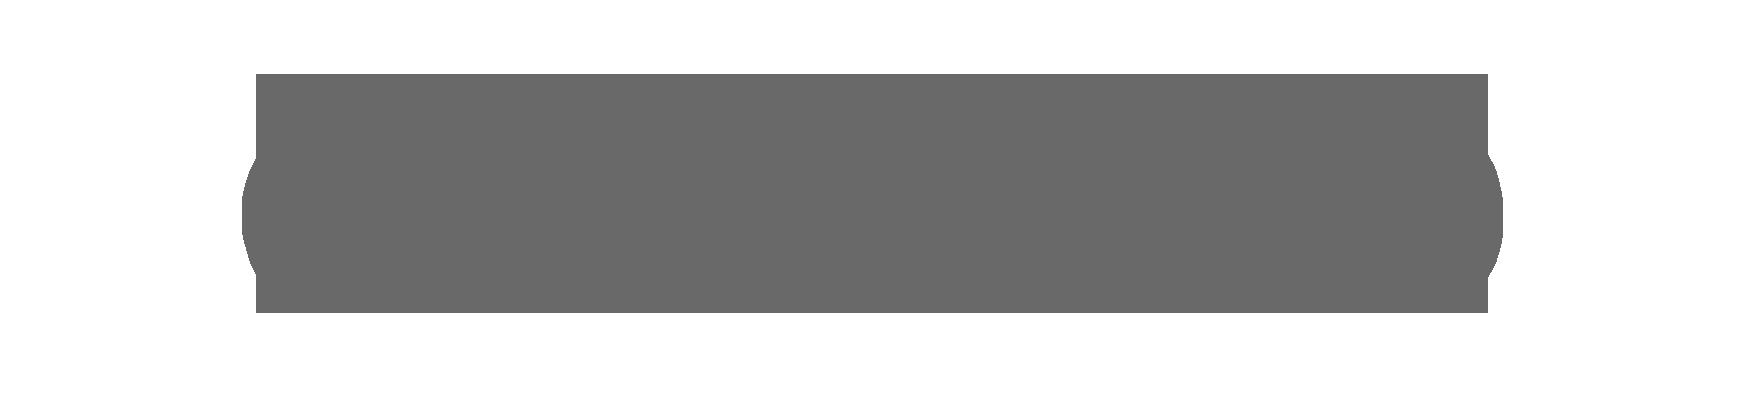 Glwd logo gray no bkg2